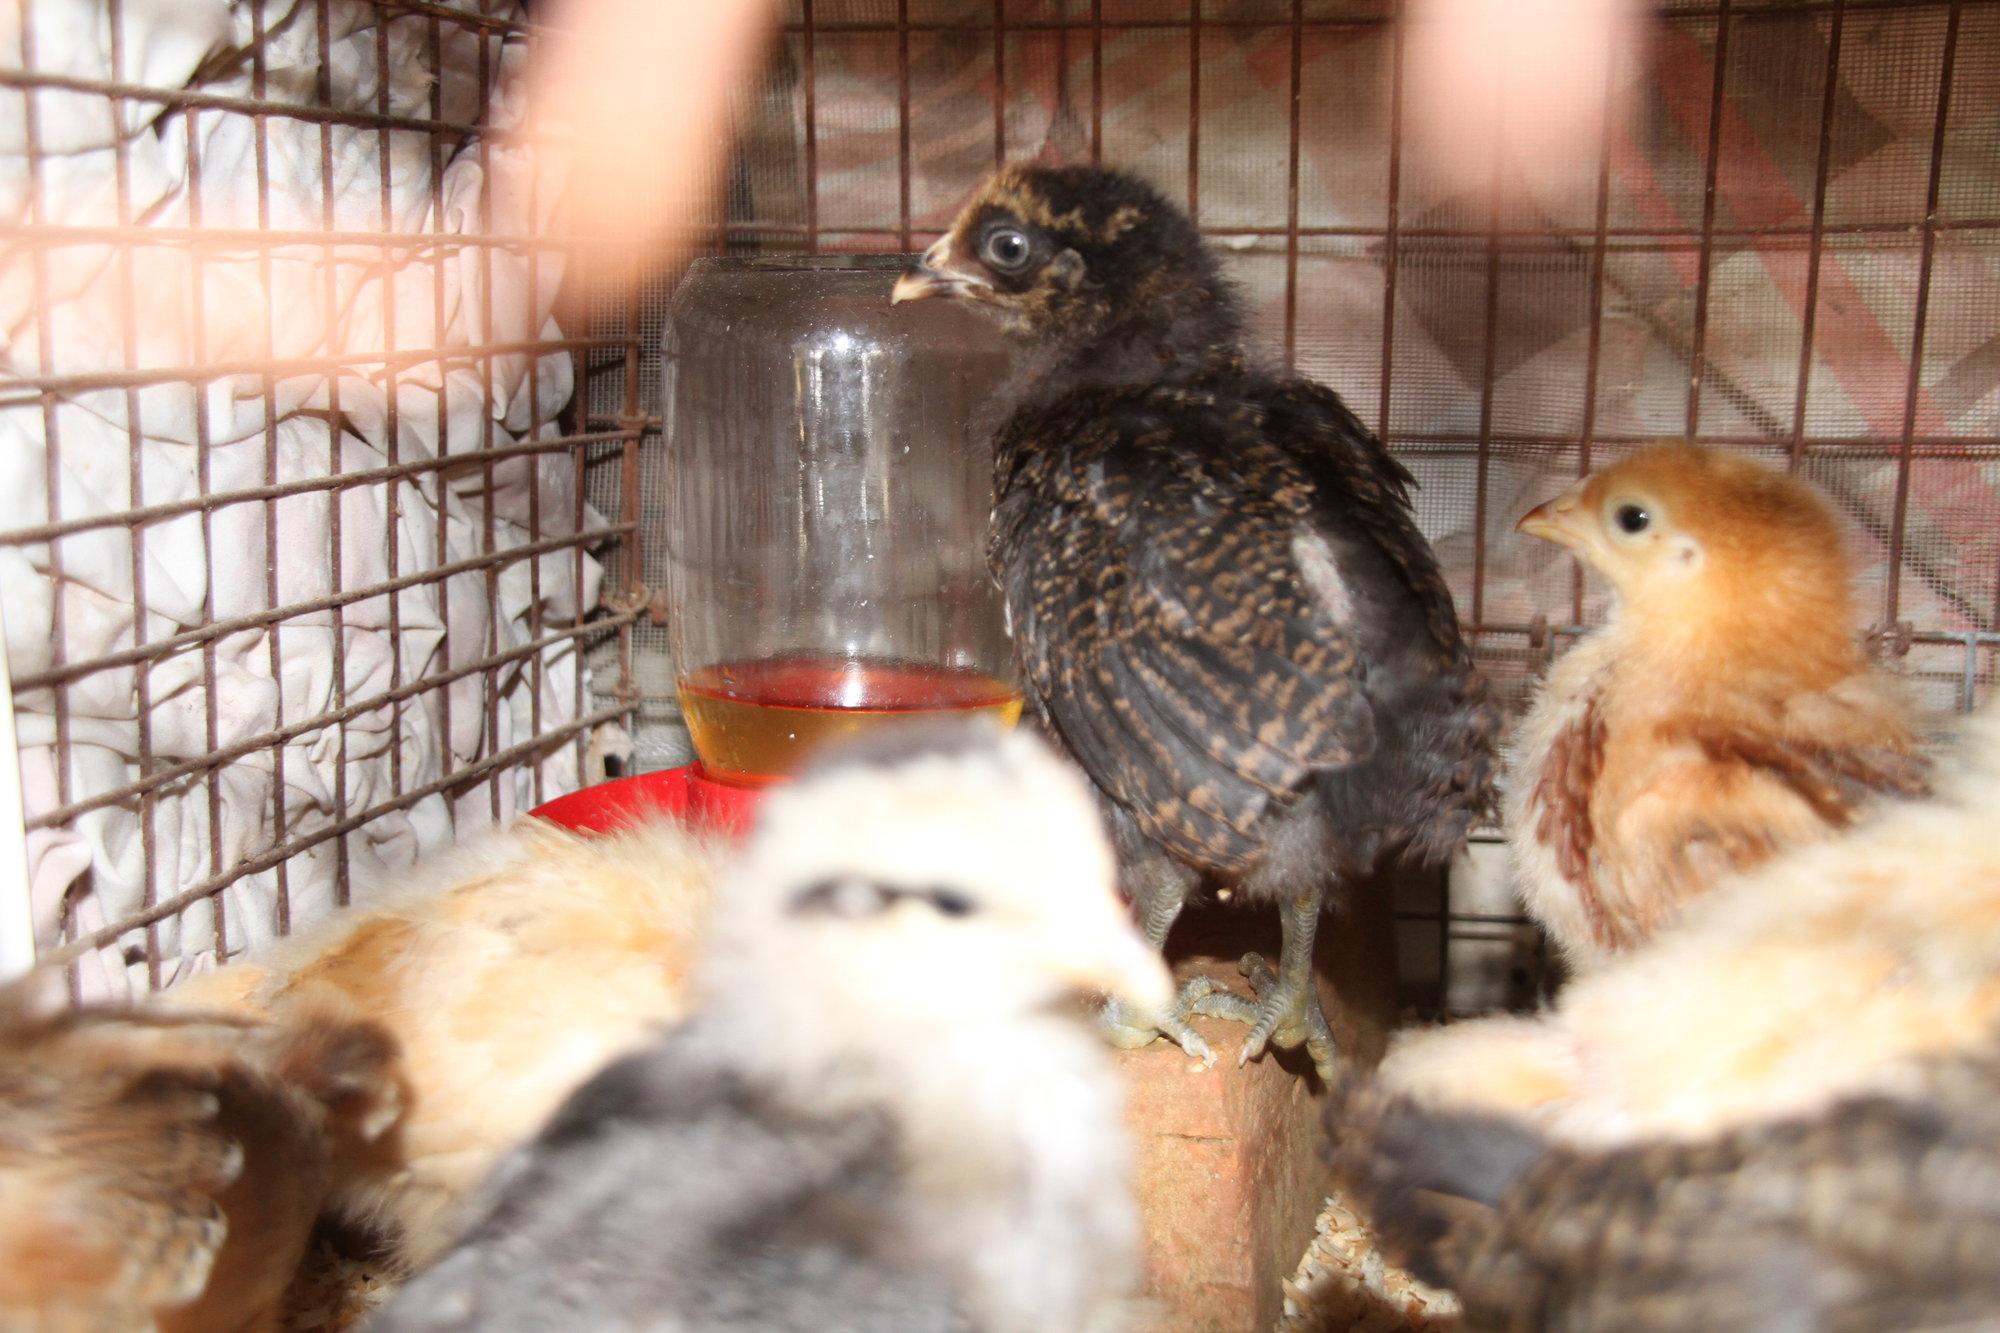 032318_Chickens_16.JPG